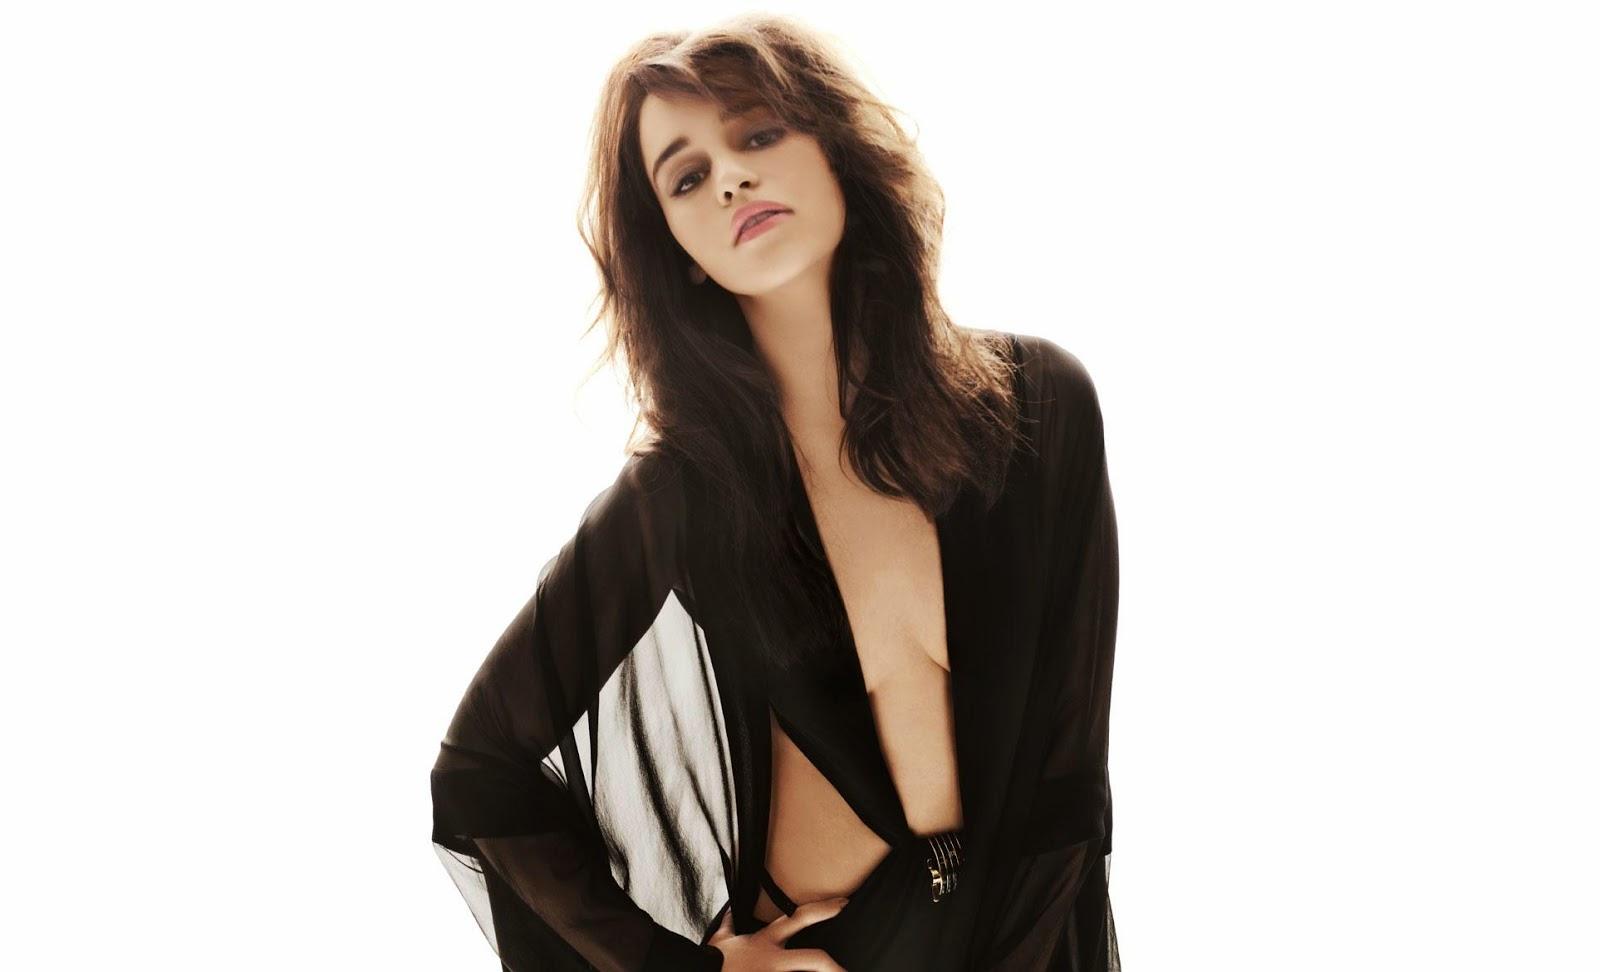 Emilia clarke in black cloth sexy hottest wallpaper